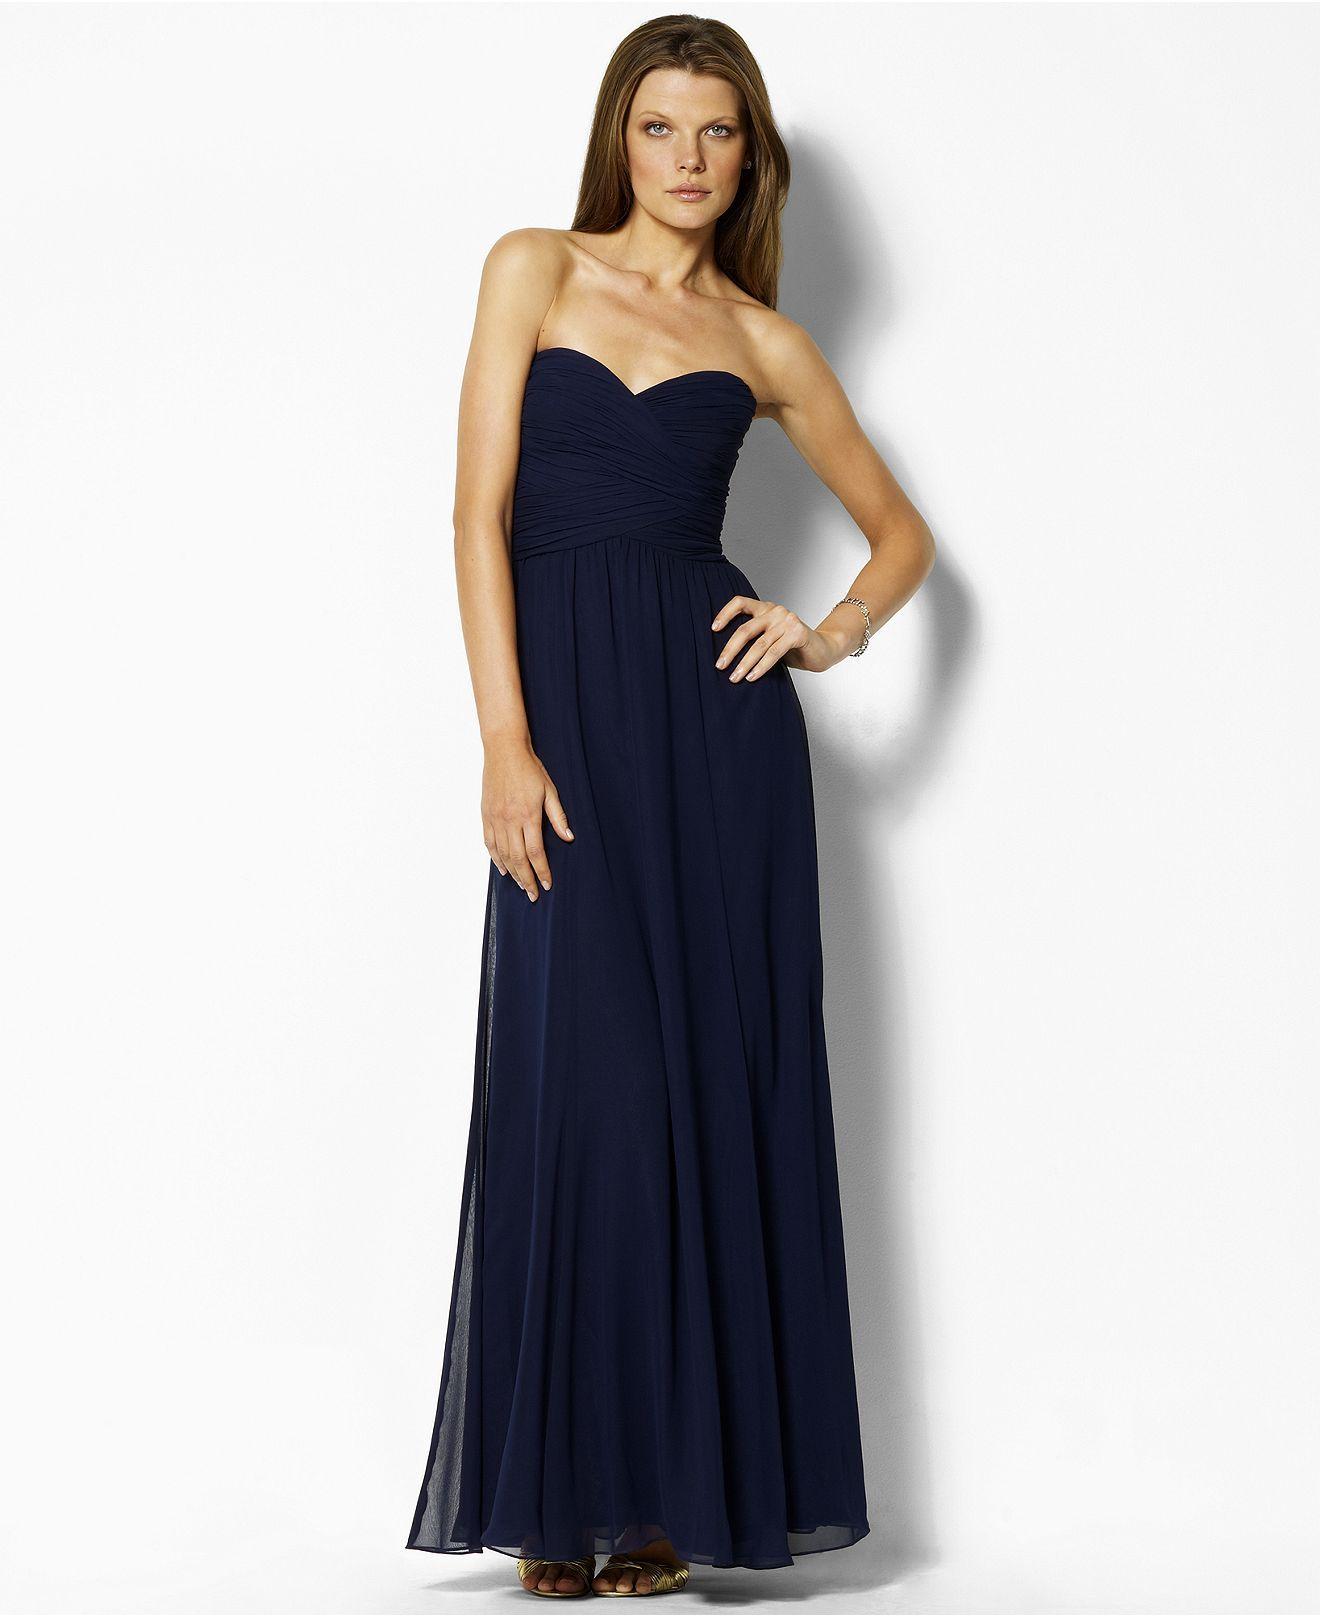 Lauren by Ralph Lauren Dress, Strapless Evening Gown - Dresses ...